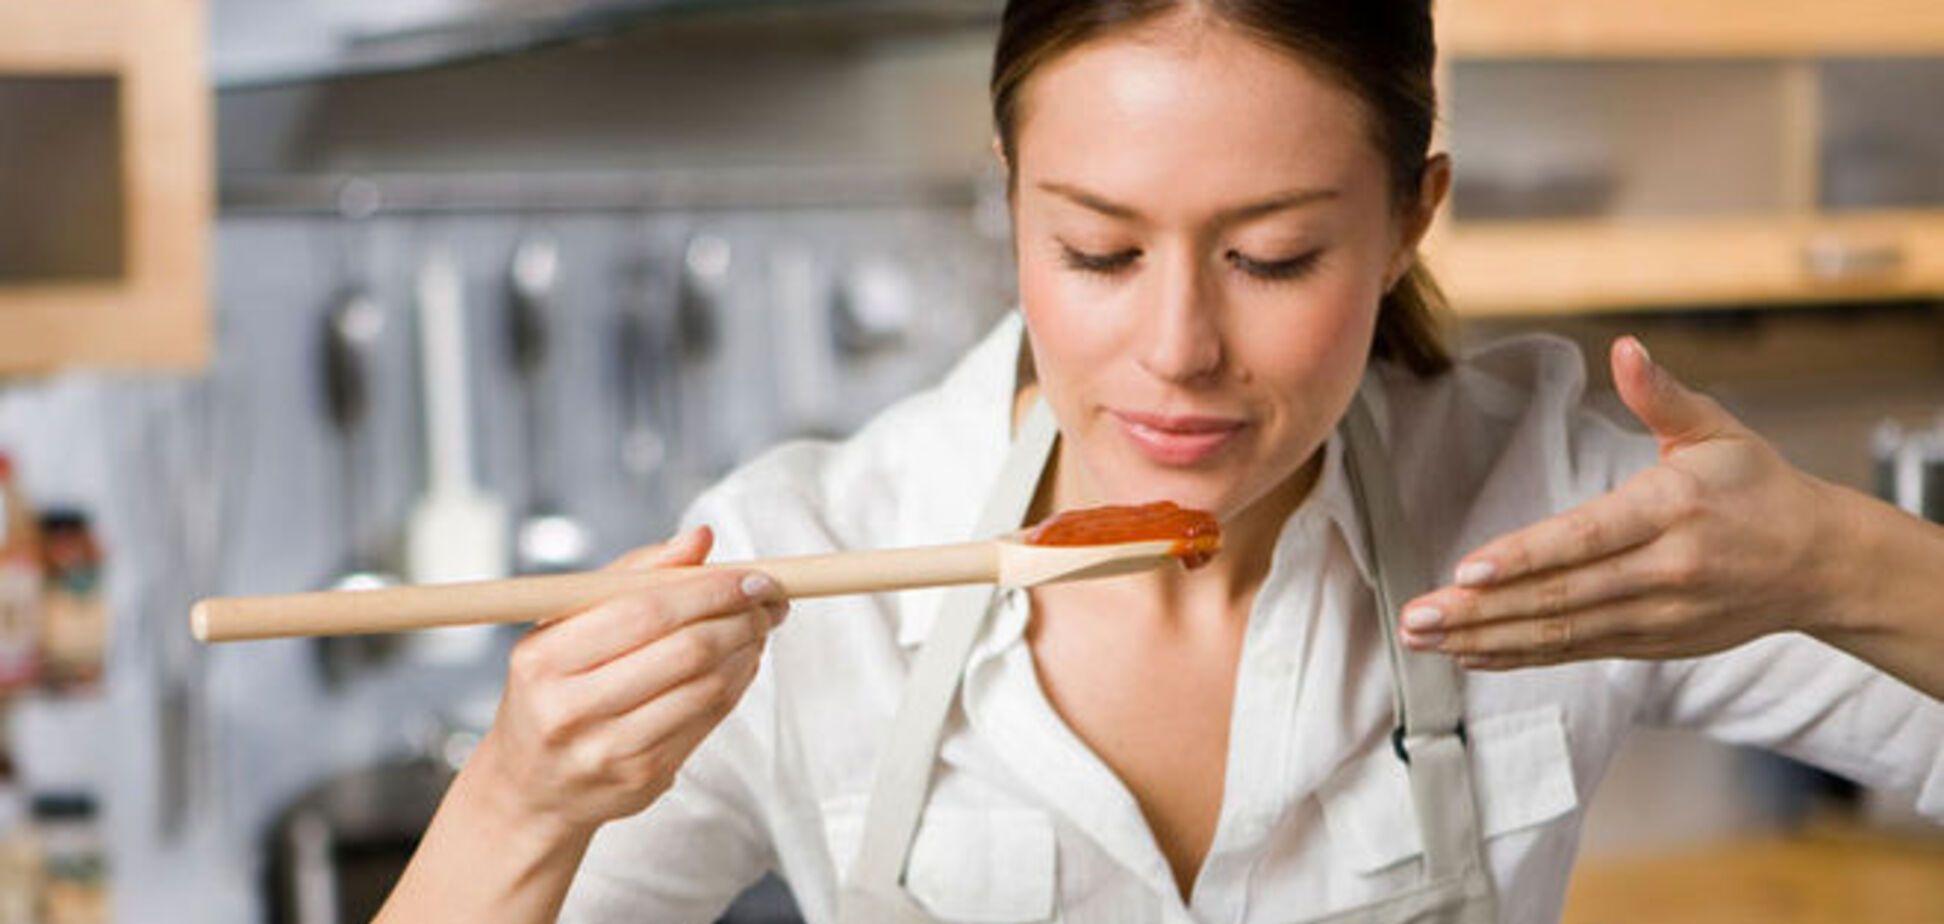 Готовим пищу с пользой для здоровья